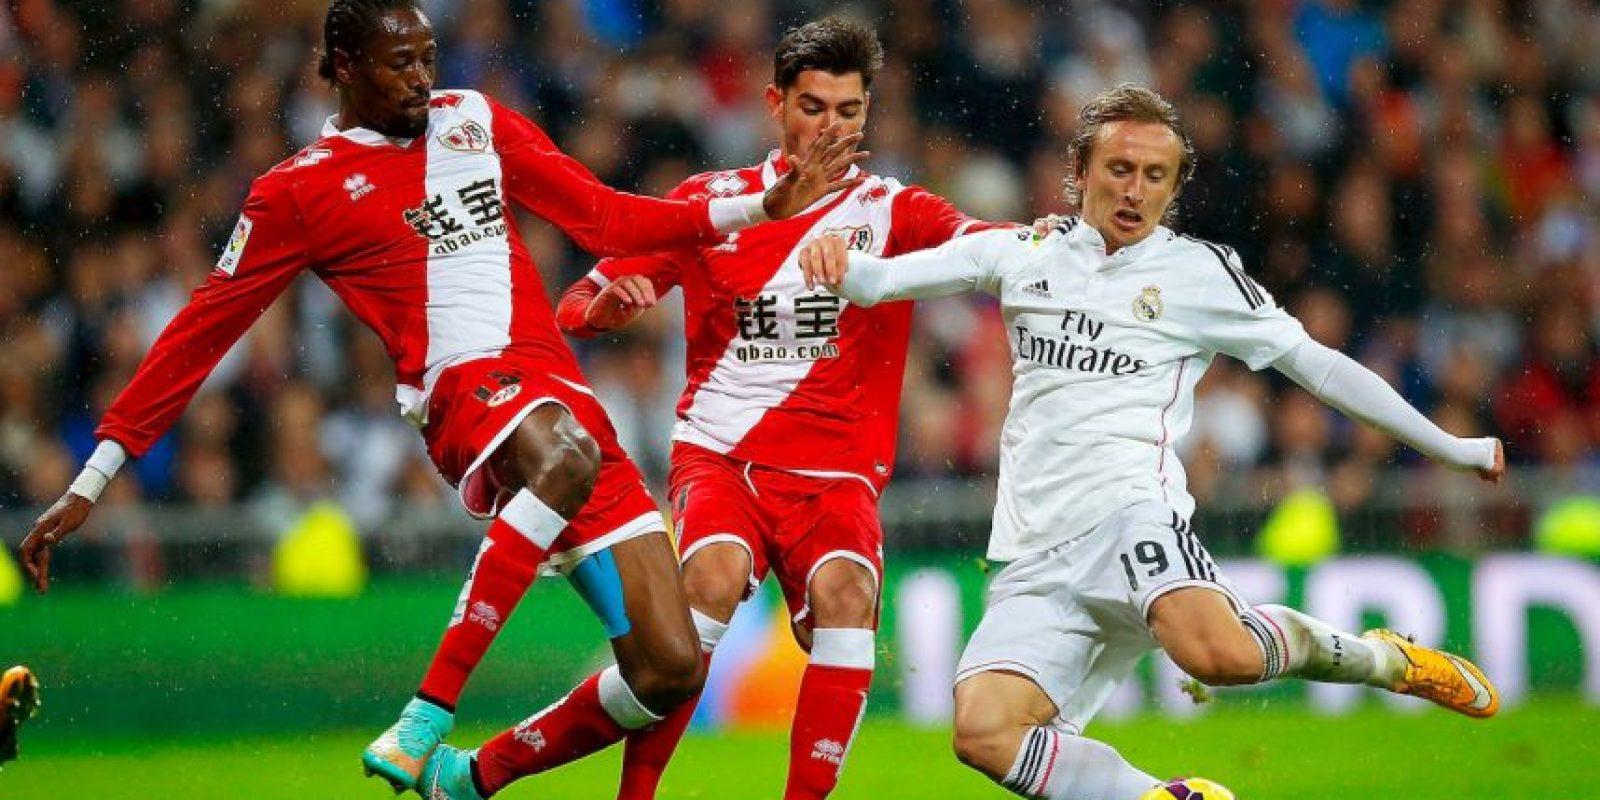 """Sin embargo, sabiendo que no hay nada que perder, el Rayo tiene como objetivo vencer al Madrid: """"¿Y qué pasaría si ganamos al Madrid? Seguro que más que si nos meten 9"""", declaró Jémez. Foto:Getty Images"""